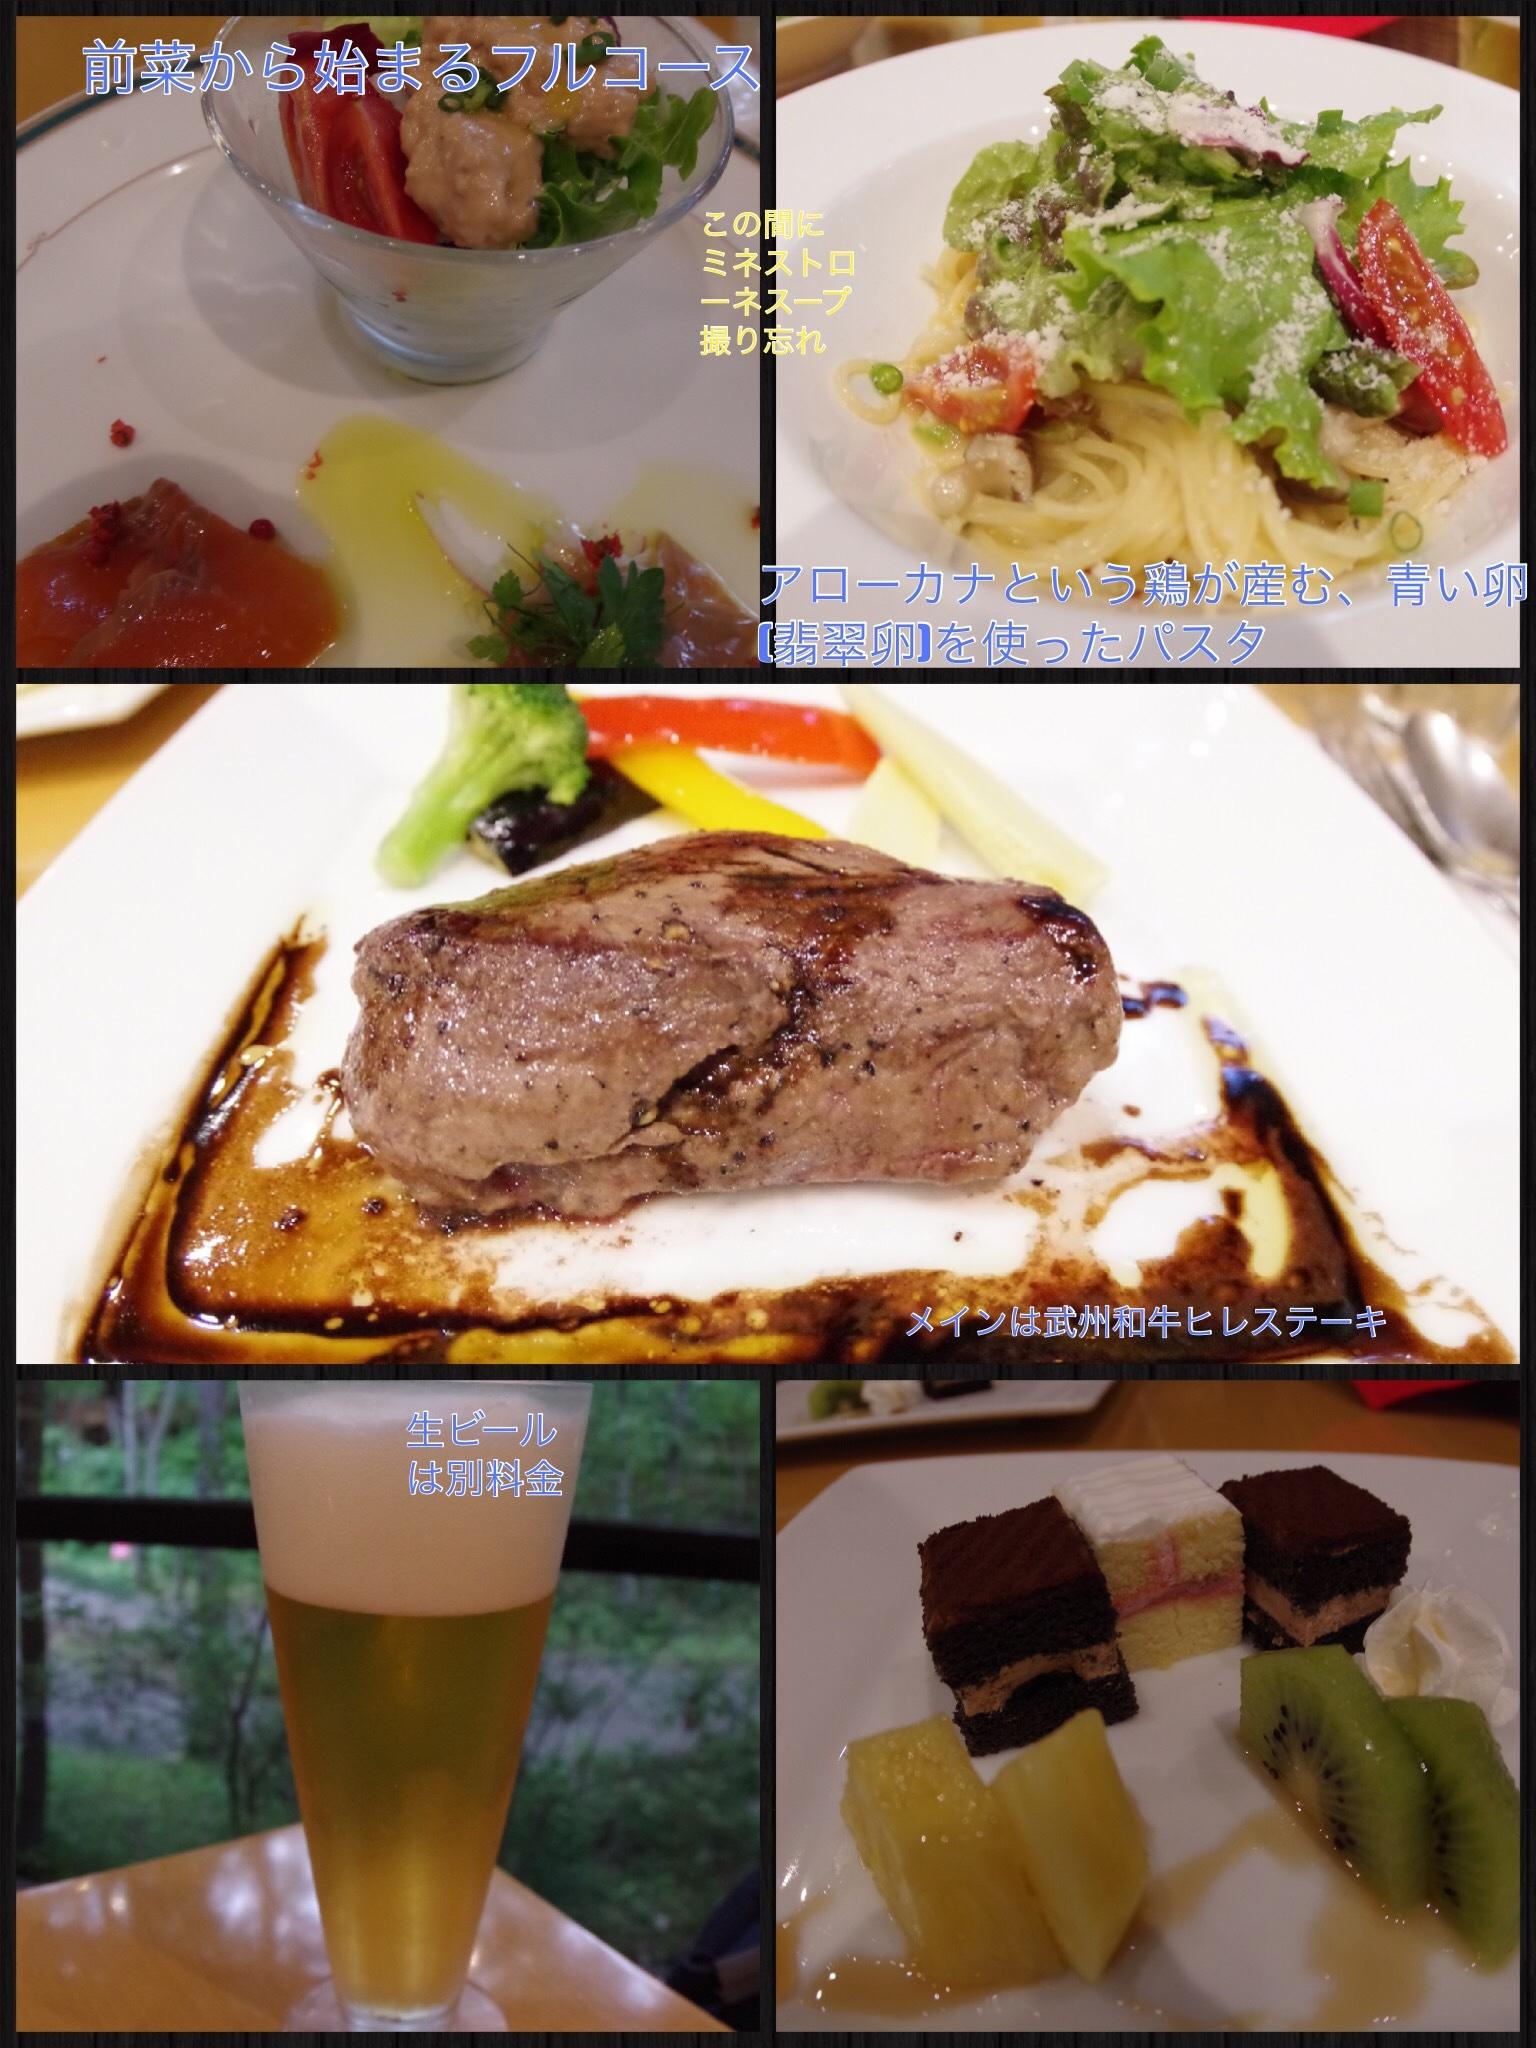 「PICA秩父グランオーベルジュコテージ」宿泊記 森のカフェ&レストラン